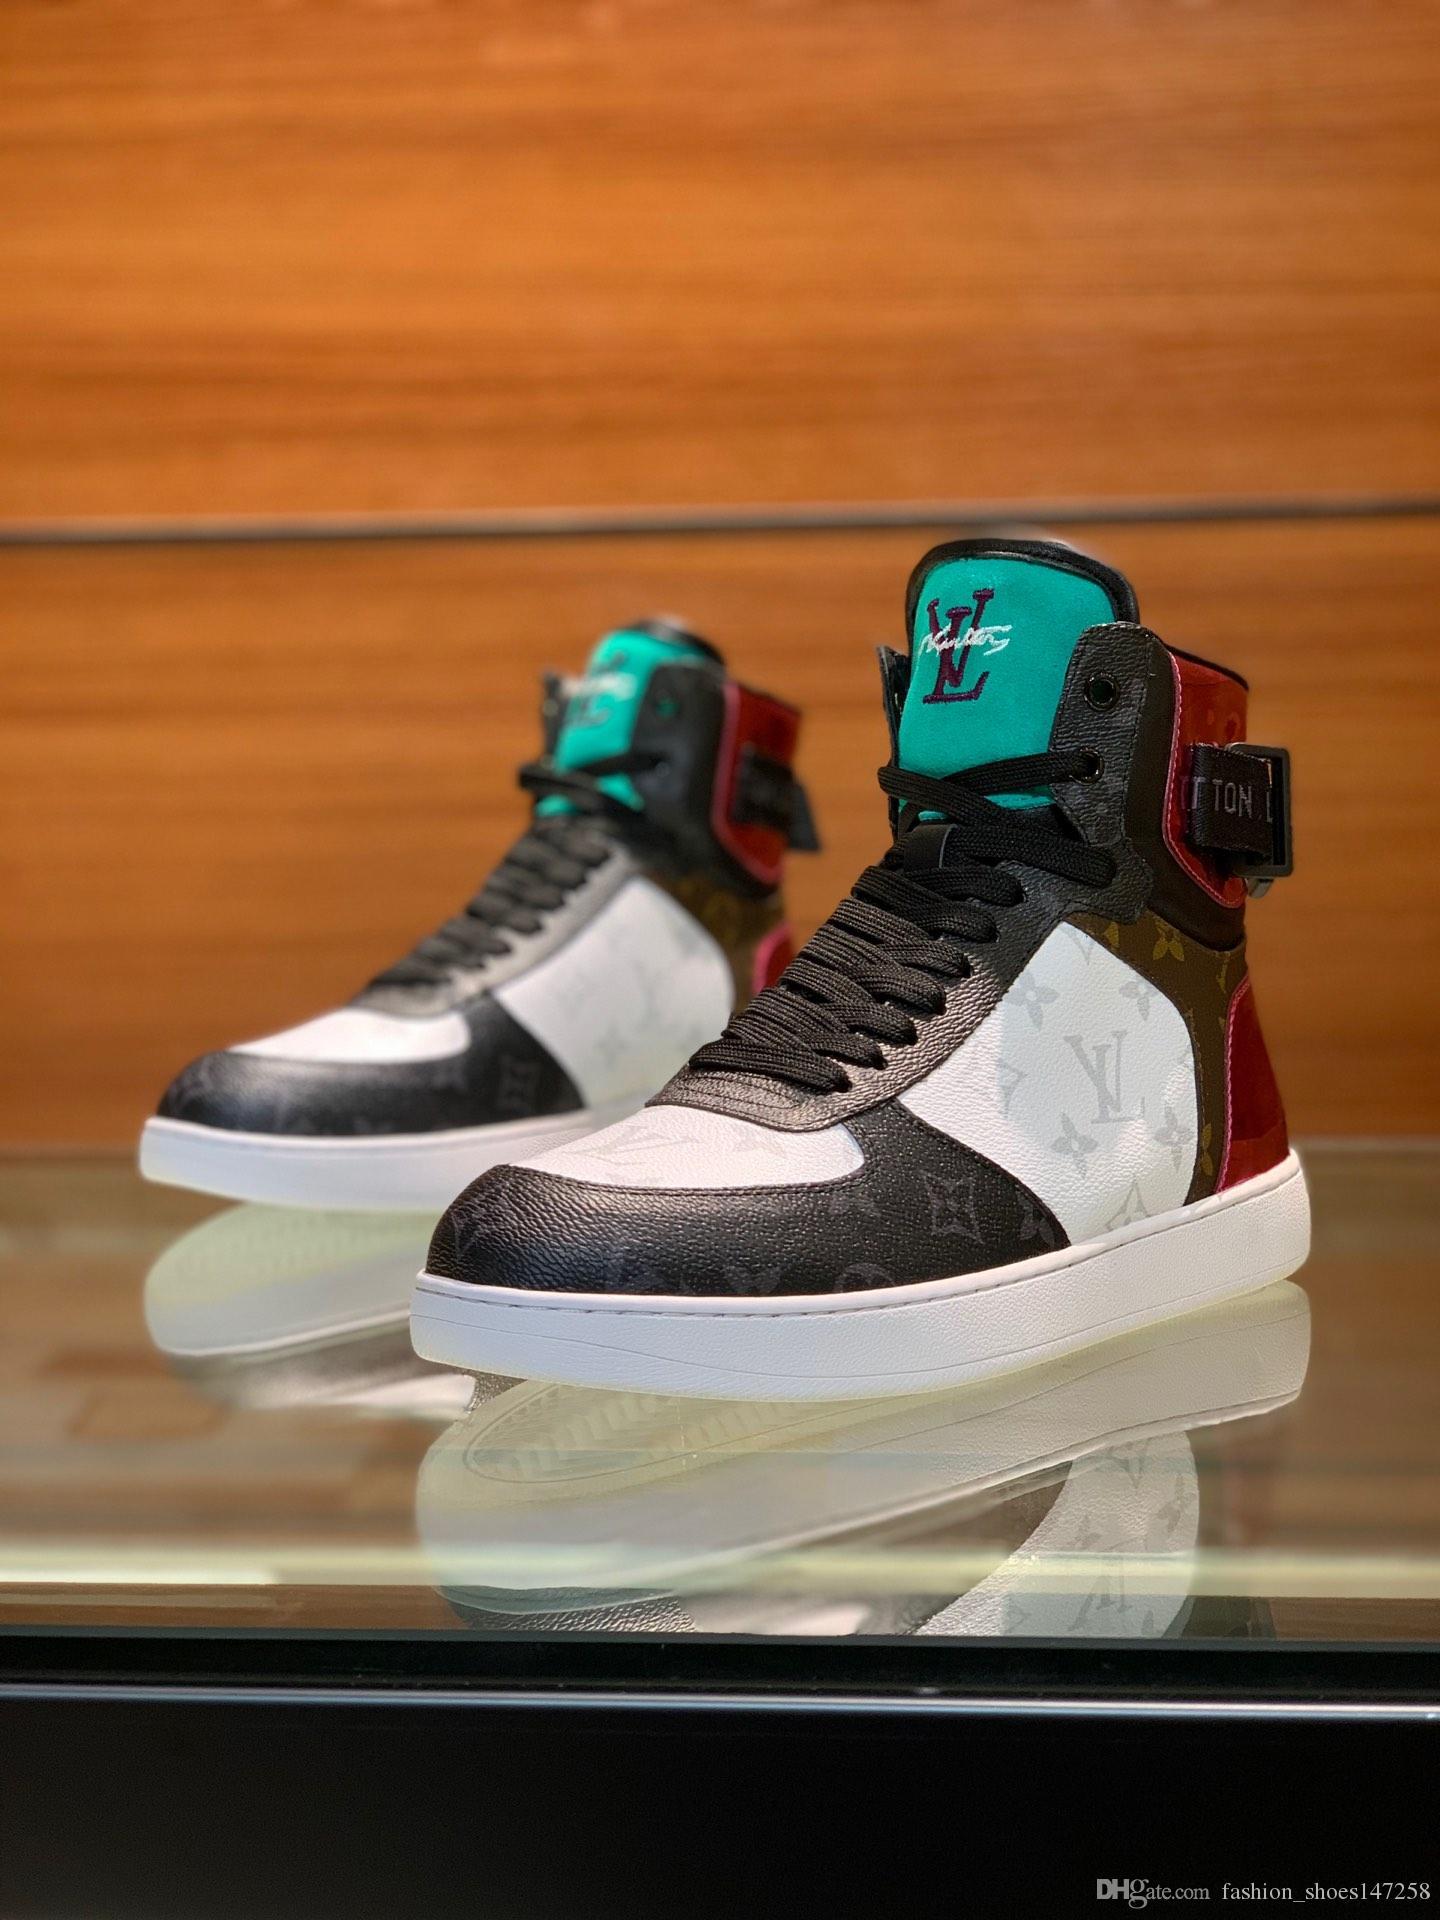 koşu ayakkabıları, yüksek kaliteli rahat spor ayakkabıları lüks spor koşu ayakkabıları Yeni 2020 DR erkekler yüksek top spor